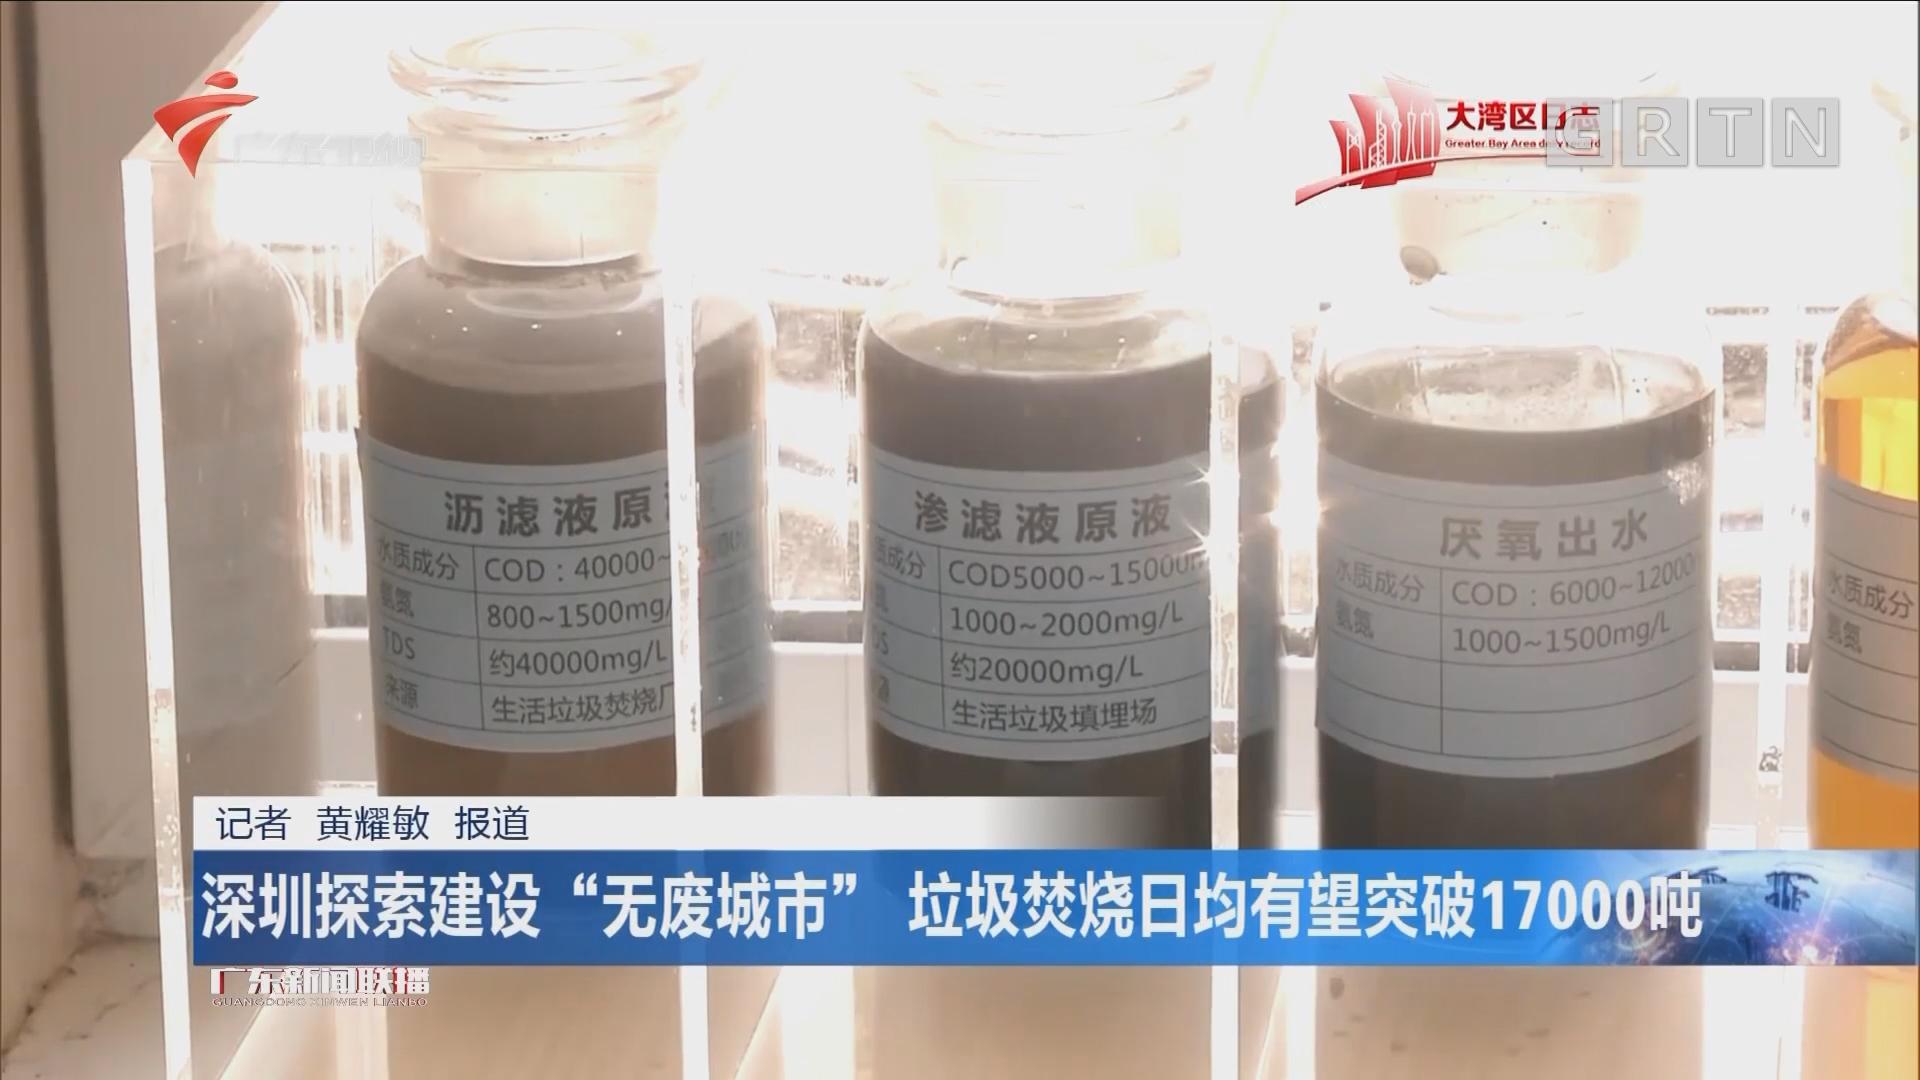 """深圳探索建设""""无废城市"""" 垃圾焚烧日均有望突破17000吨"""